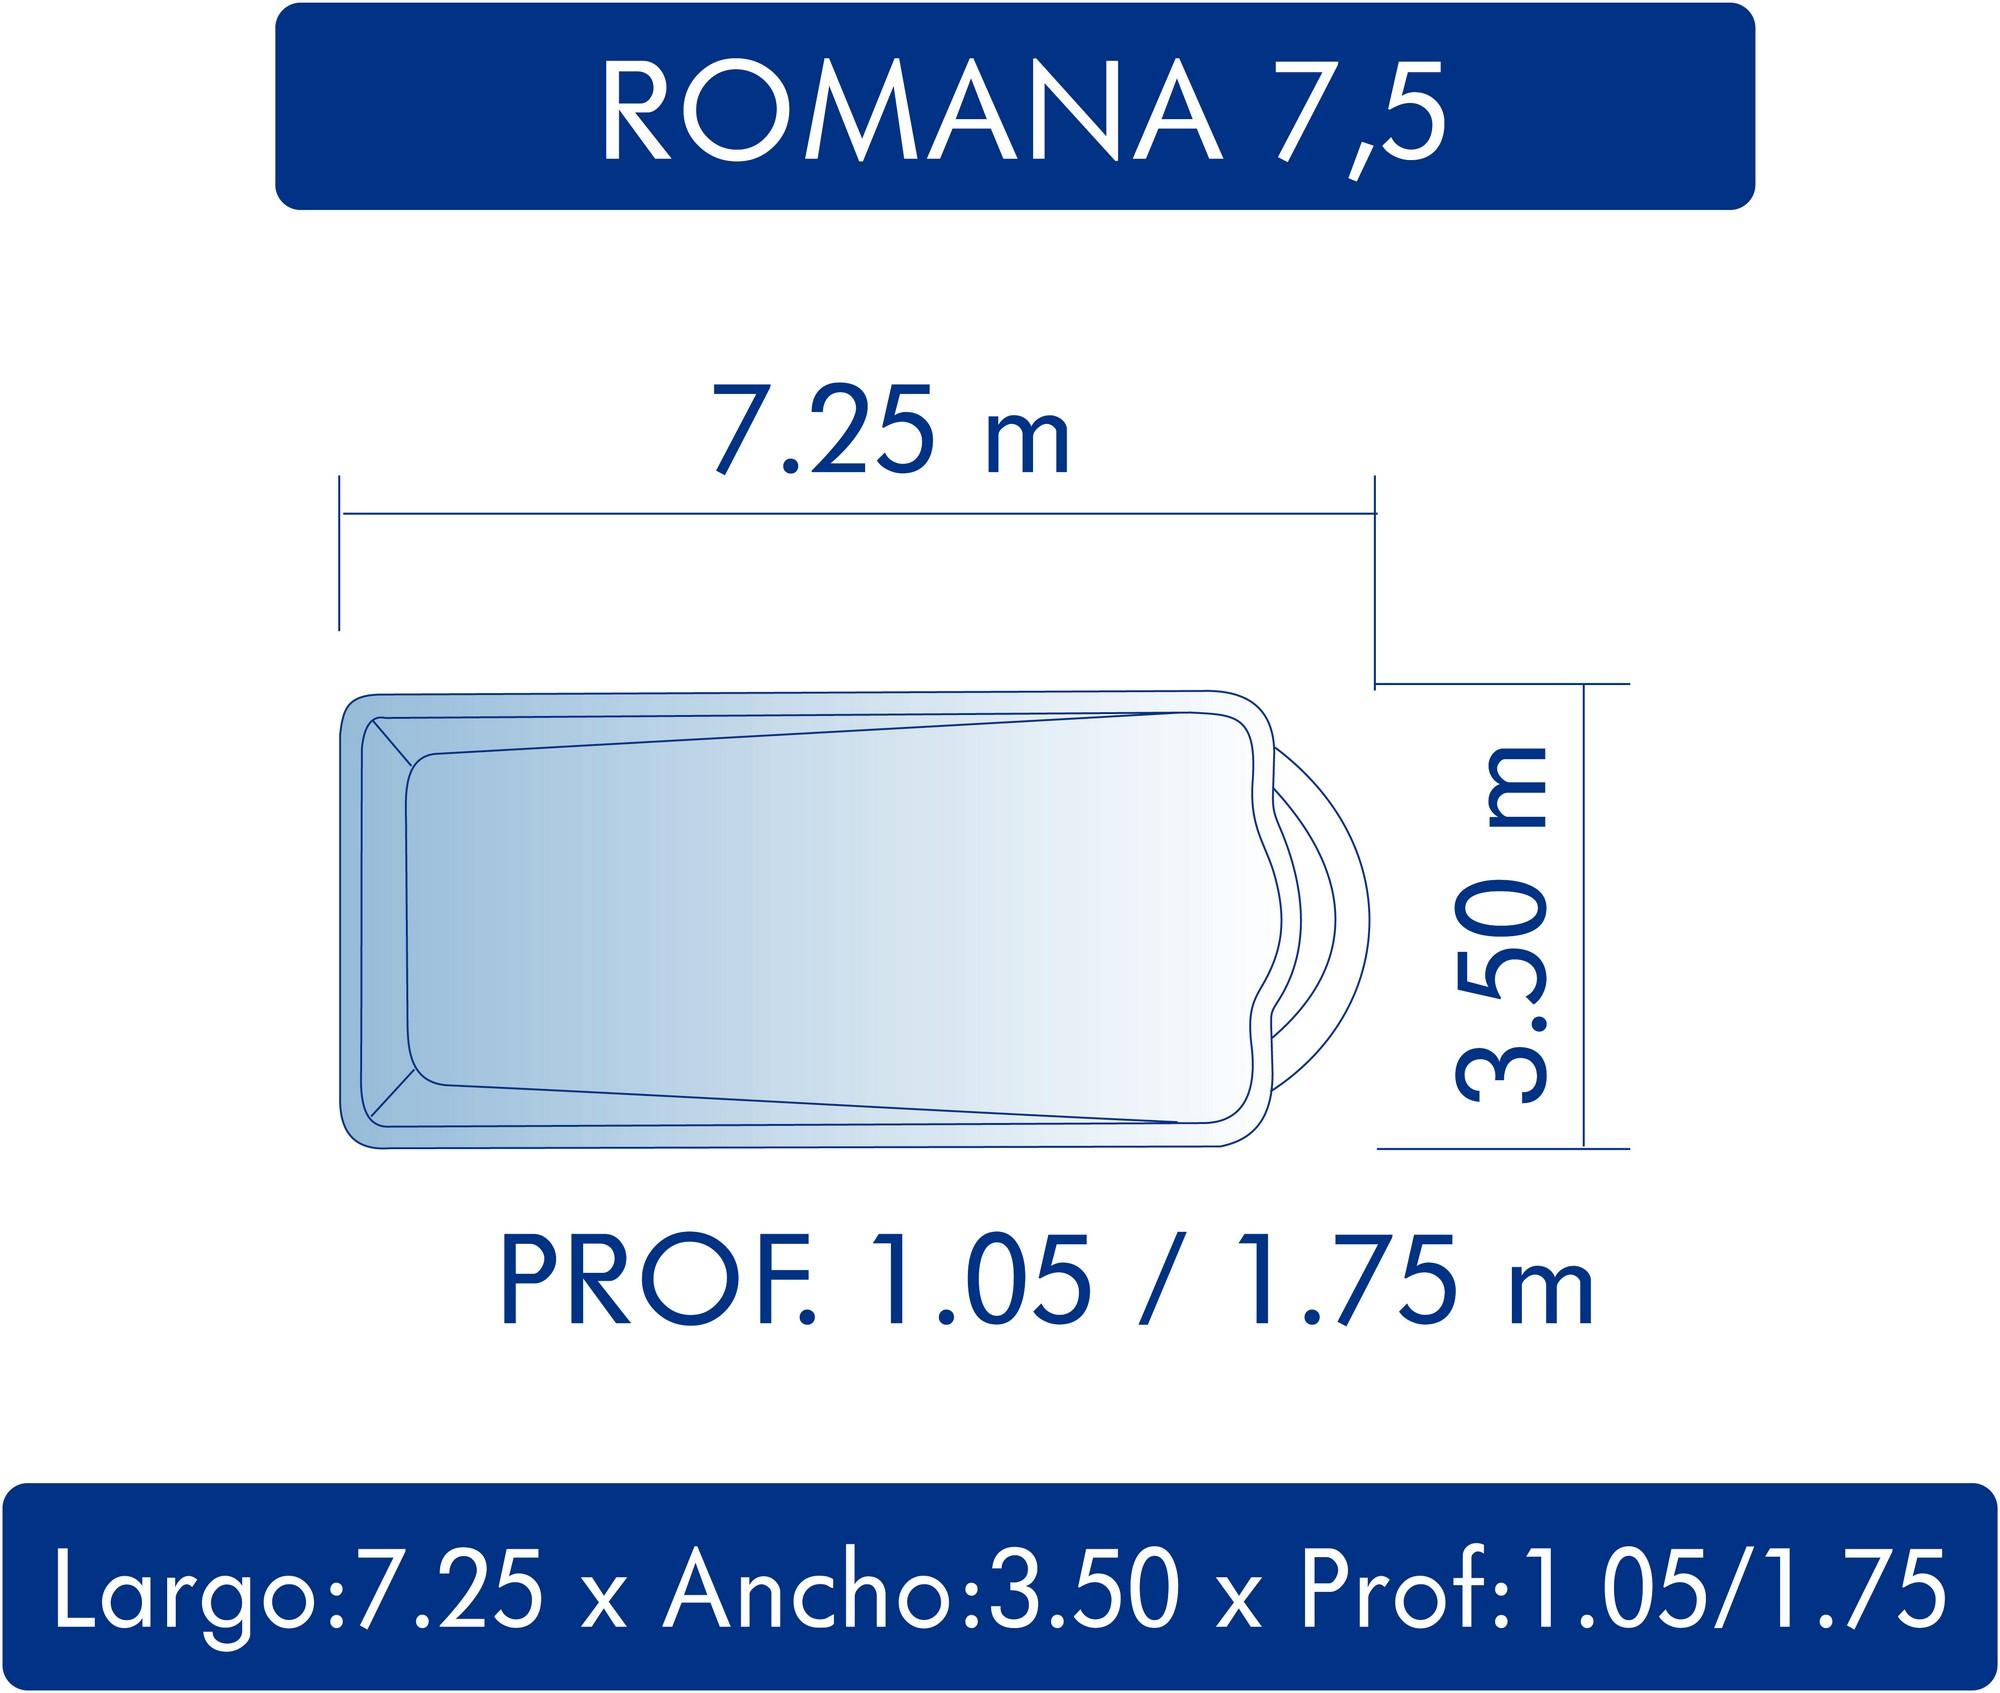 romana-75